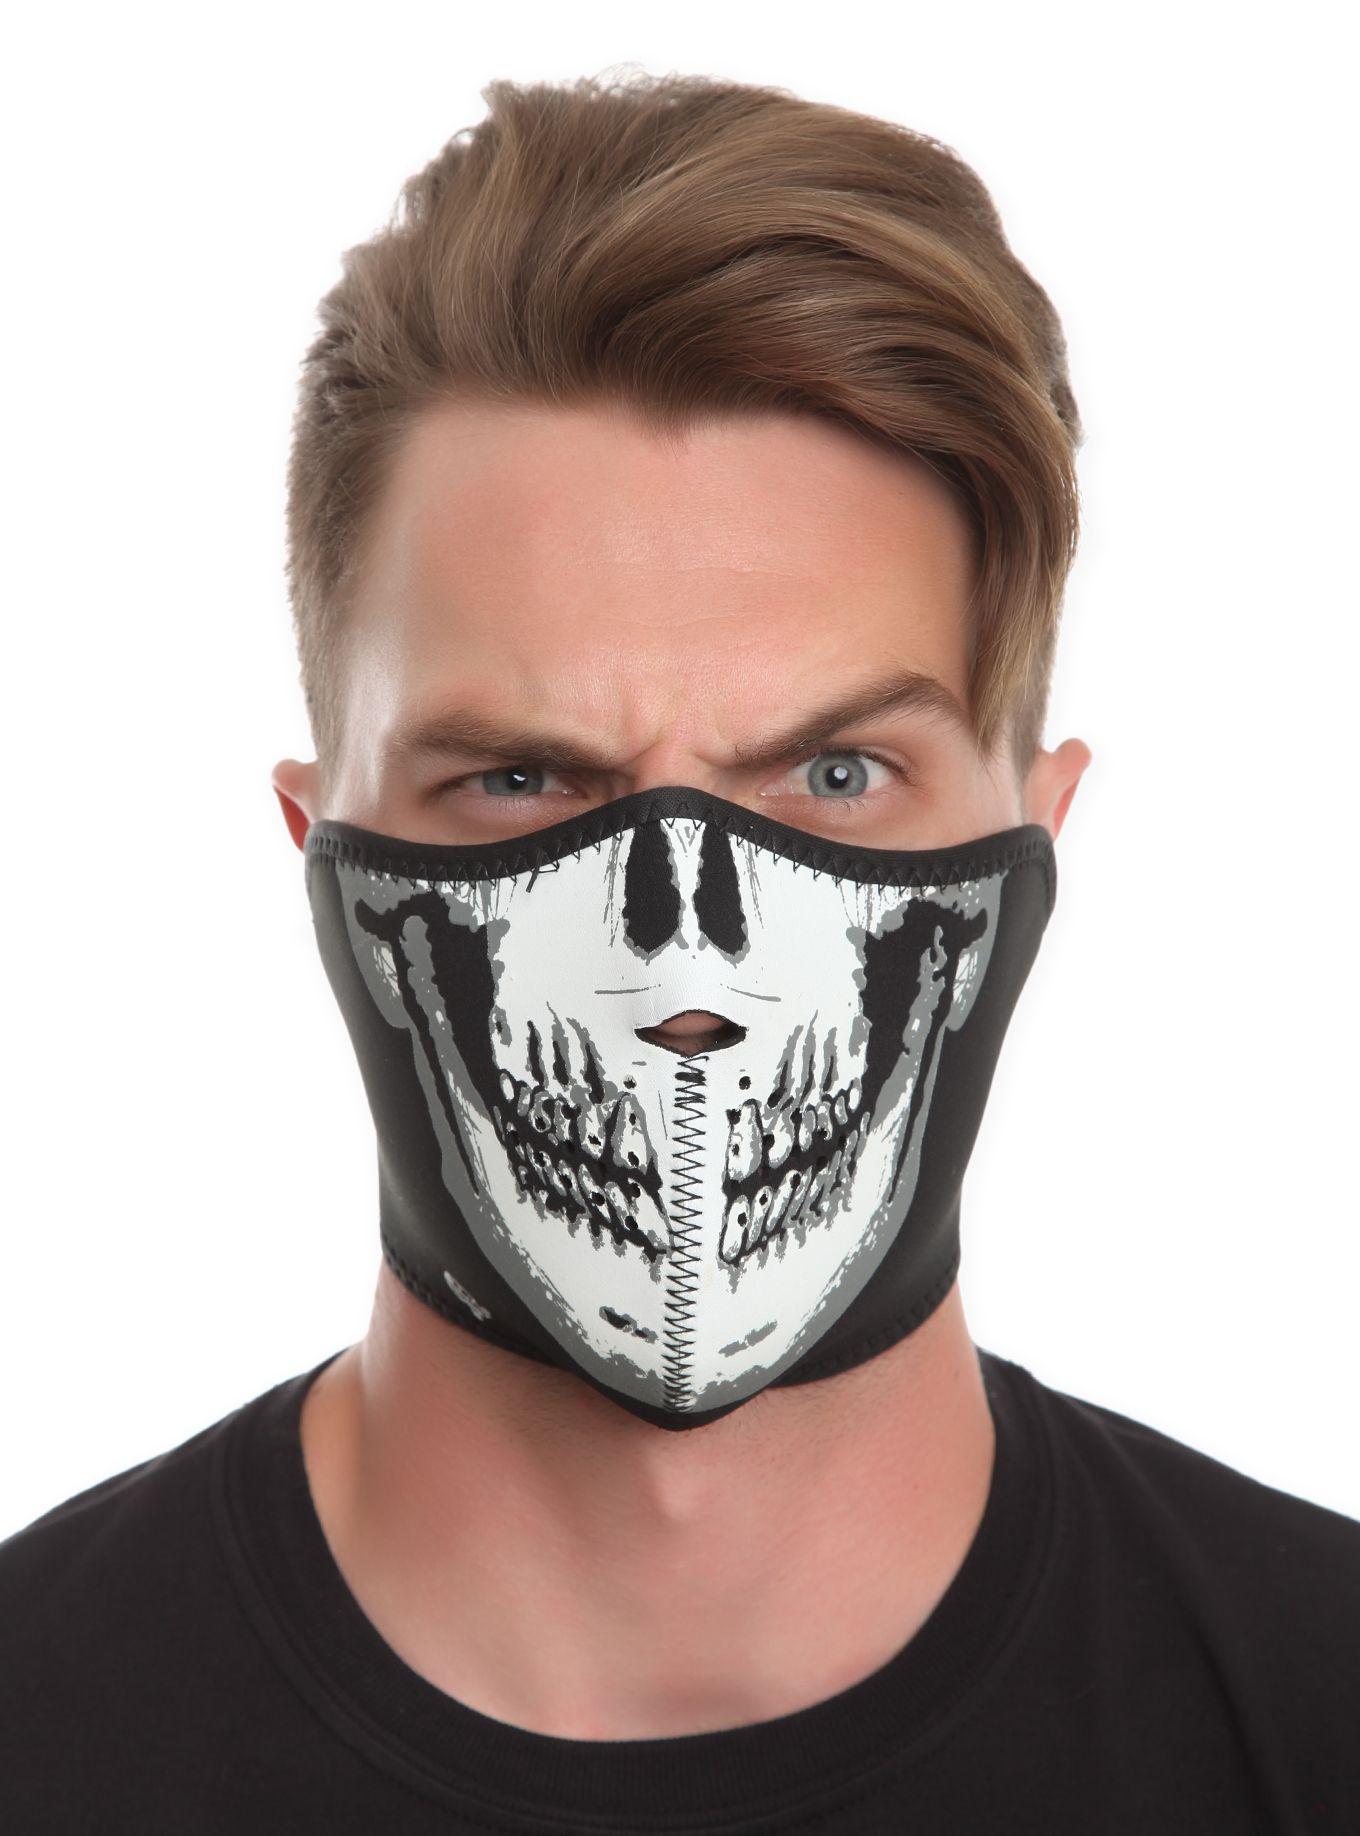 картинки маски на лицо из ткани мдф пленка